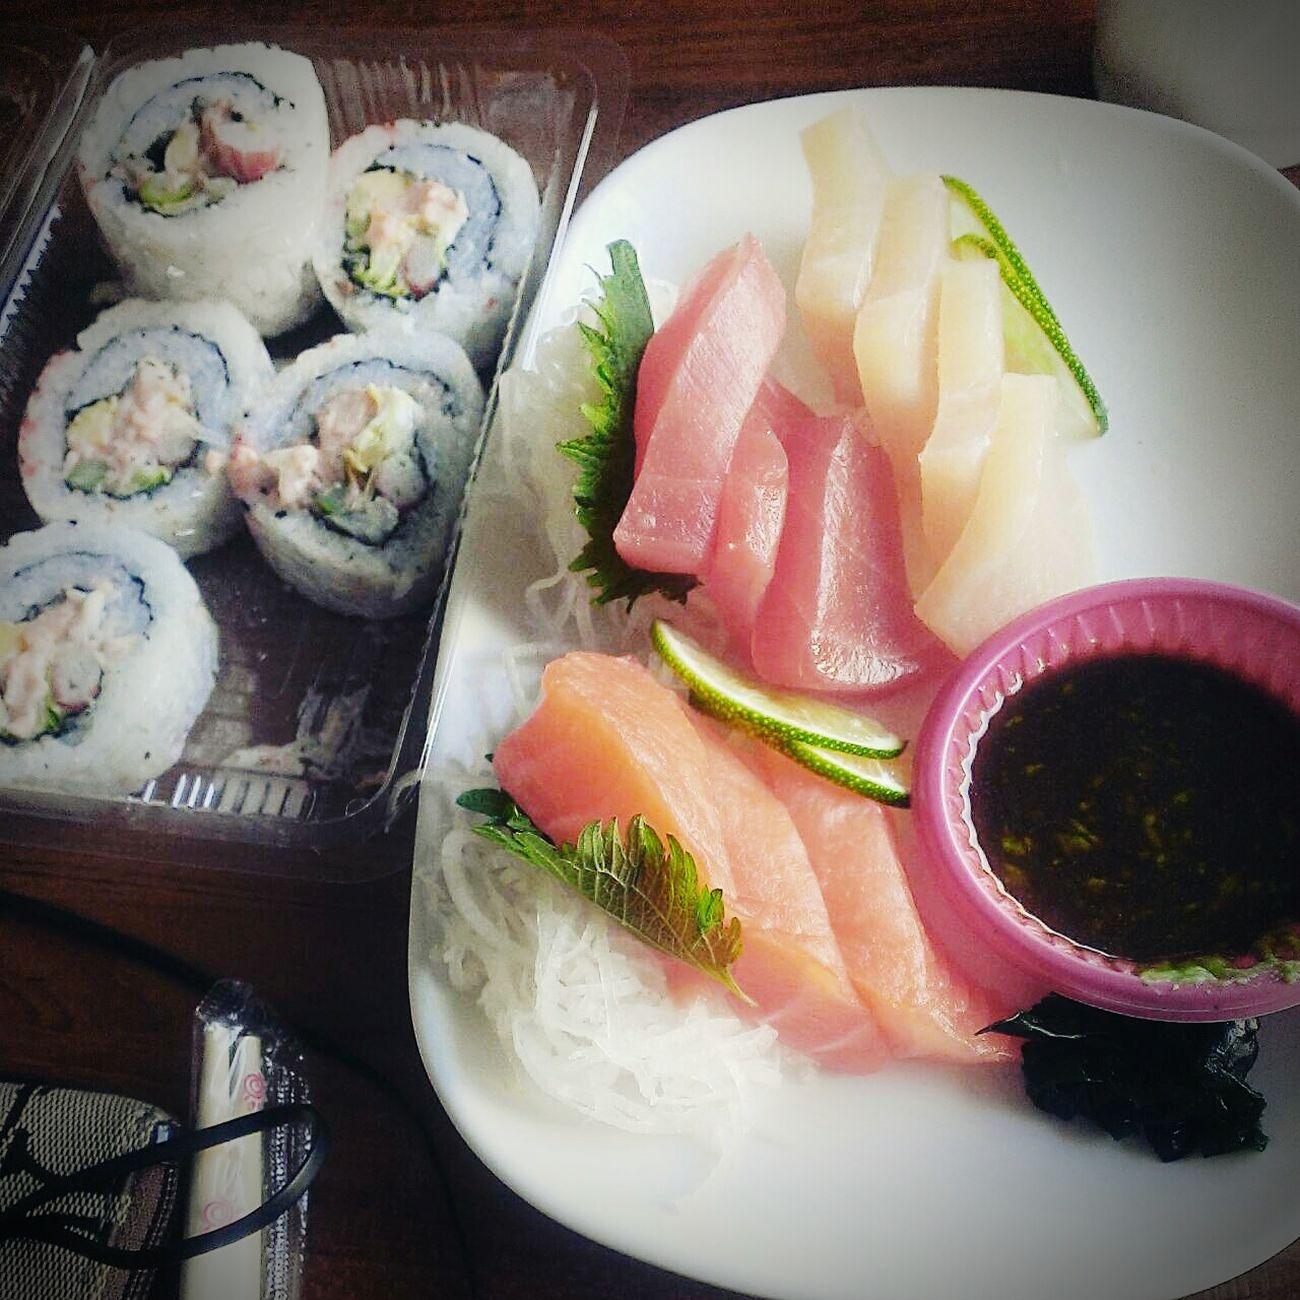 cp值很高的壽司 哇沙比店 Wasabi Sushi Aftertea Taiwan Taichung